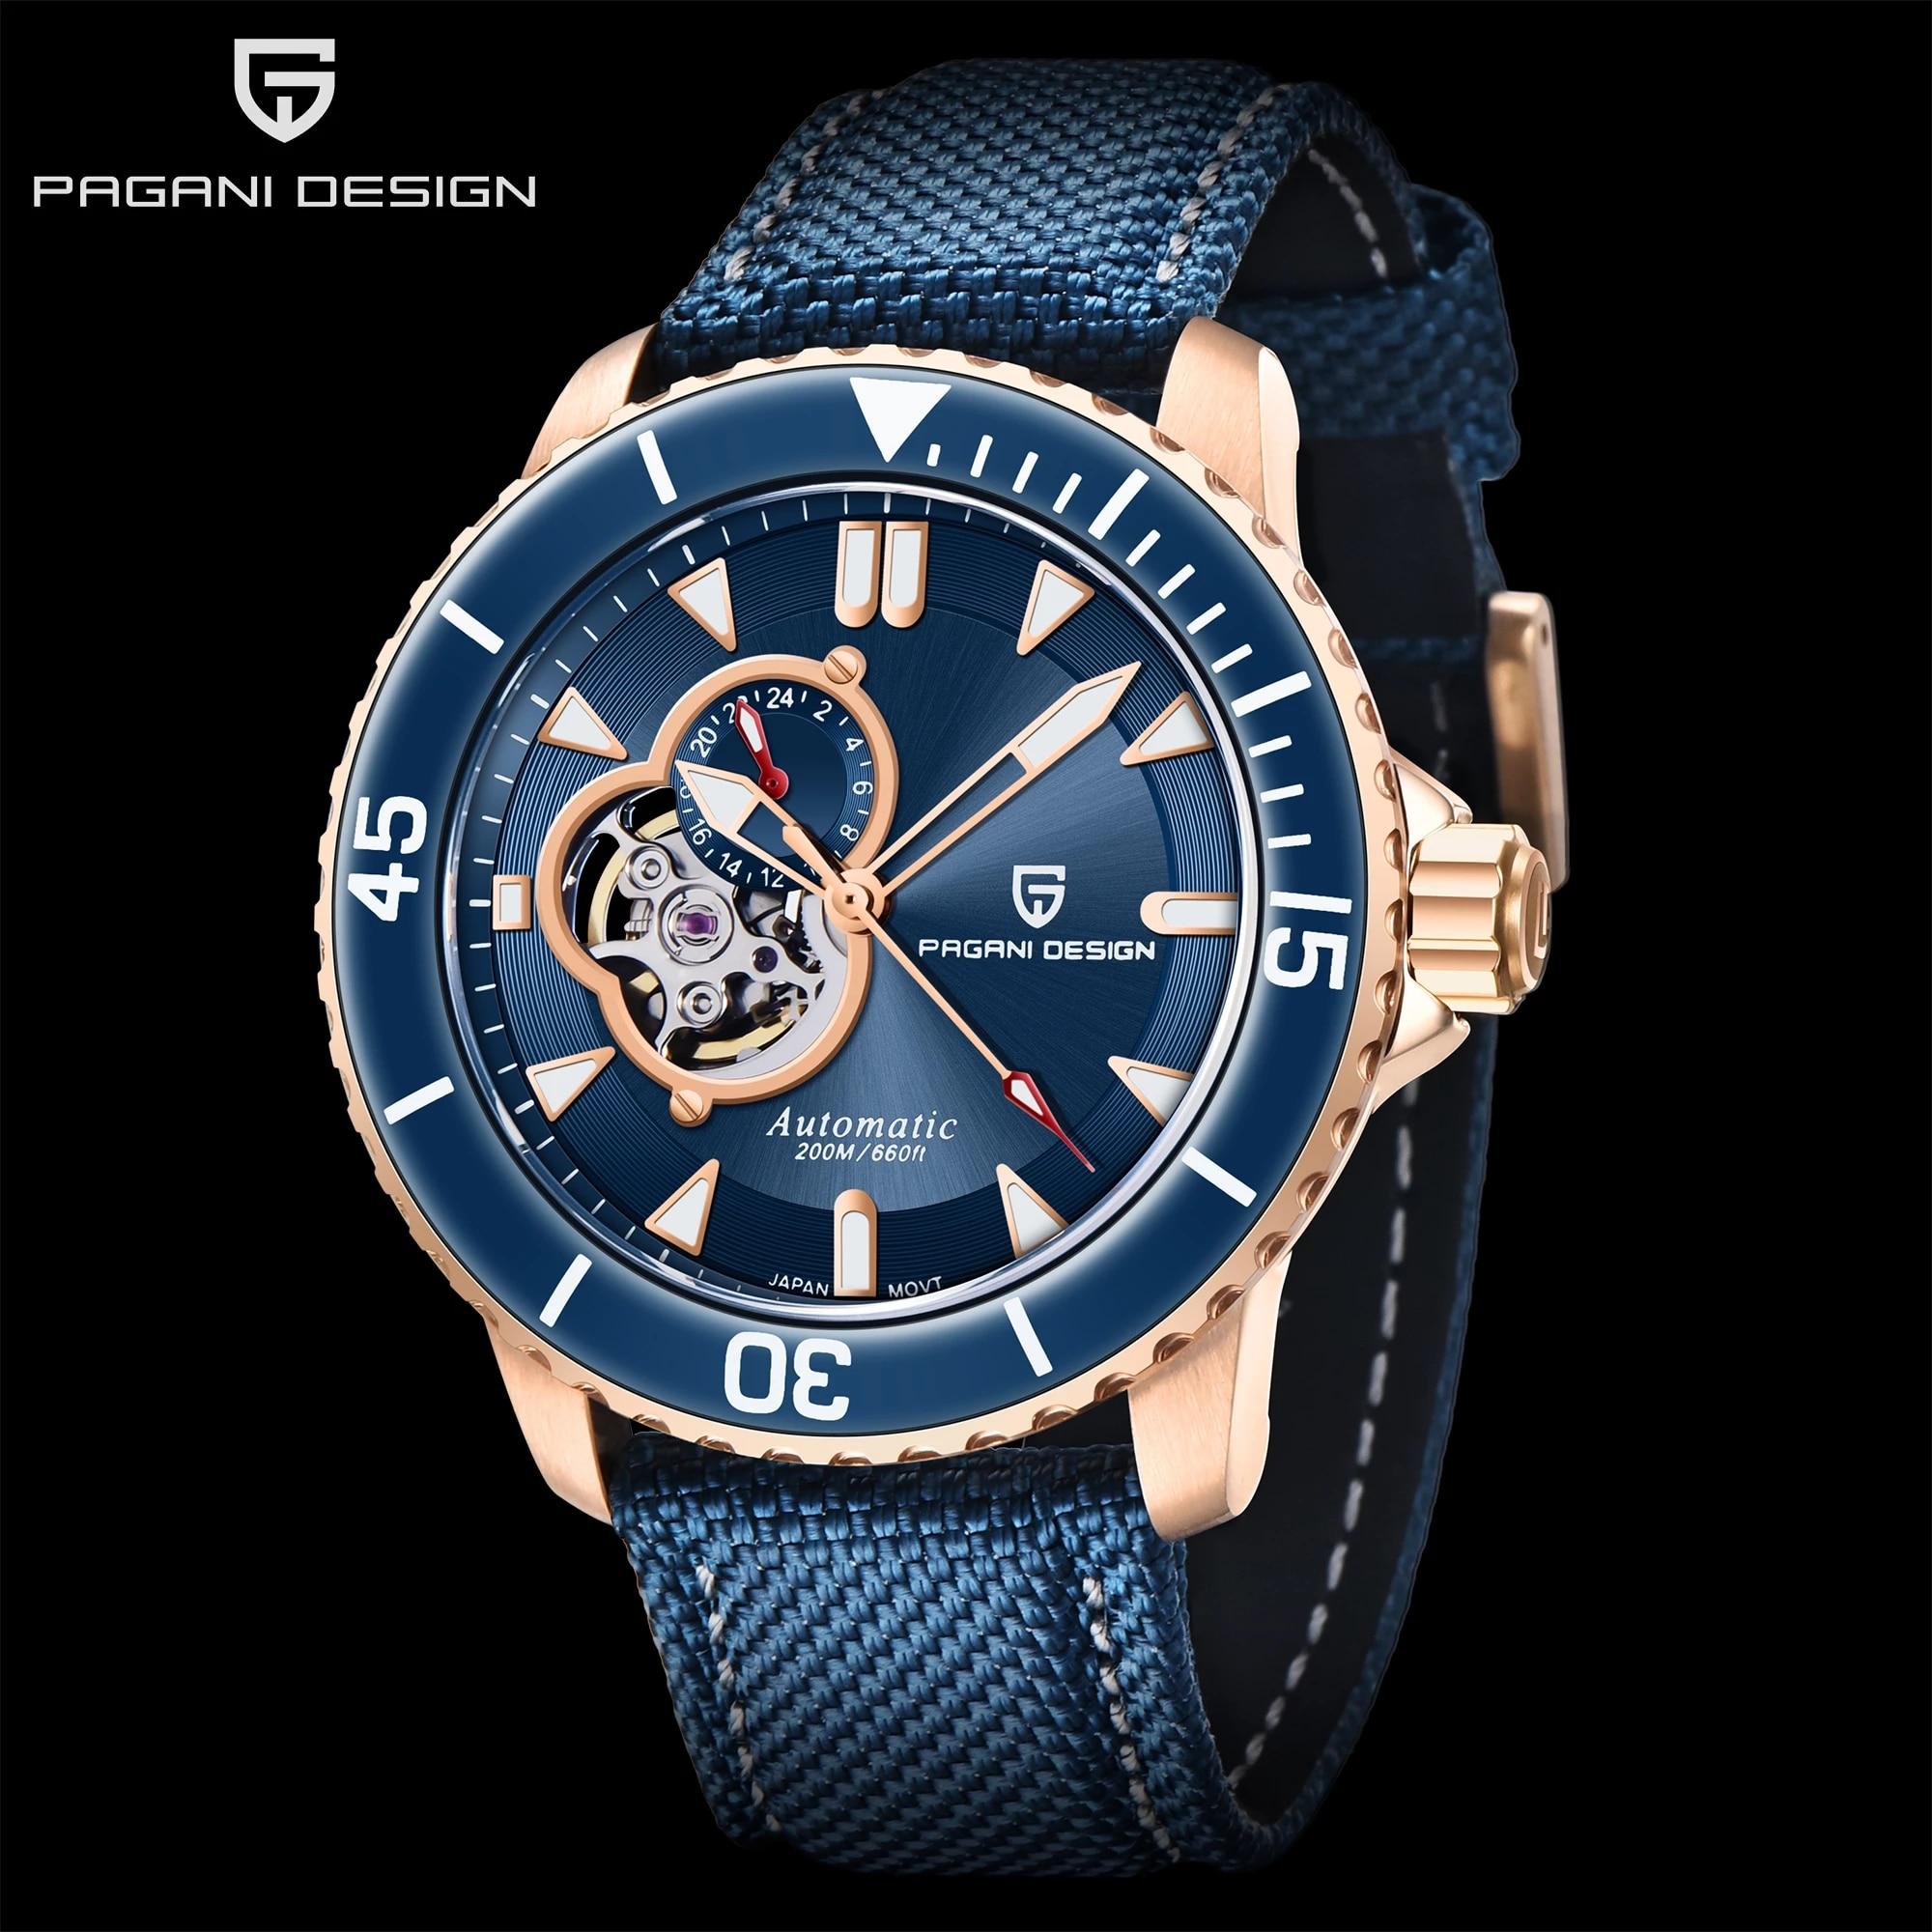 باجاني تصميم توربيون الفاخرة الرجال الساعات الميكانيكية النايلون ساعة غوص الرجال NH39 مضيئة 100 متر مقاوم للماء رجال الأعمال ساعة